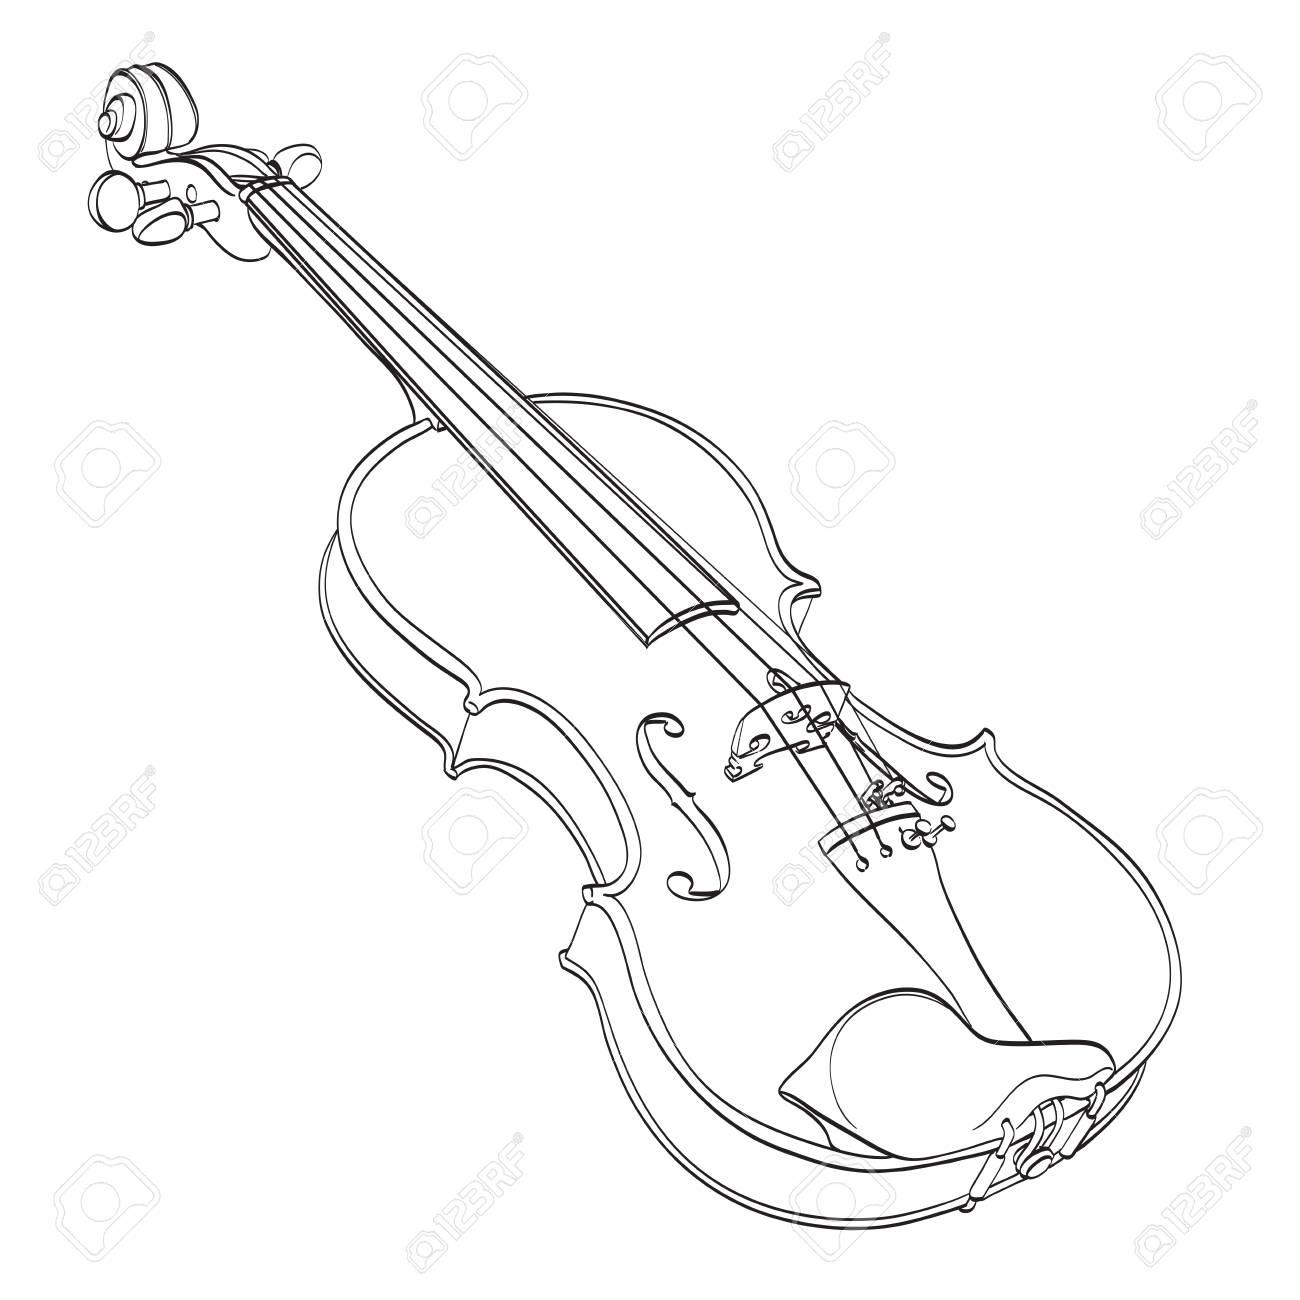 Dessin De Violon contour de violon dessin sur blanc. ligne de contour dessiné à la